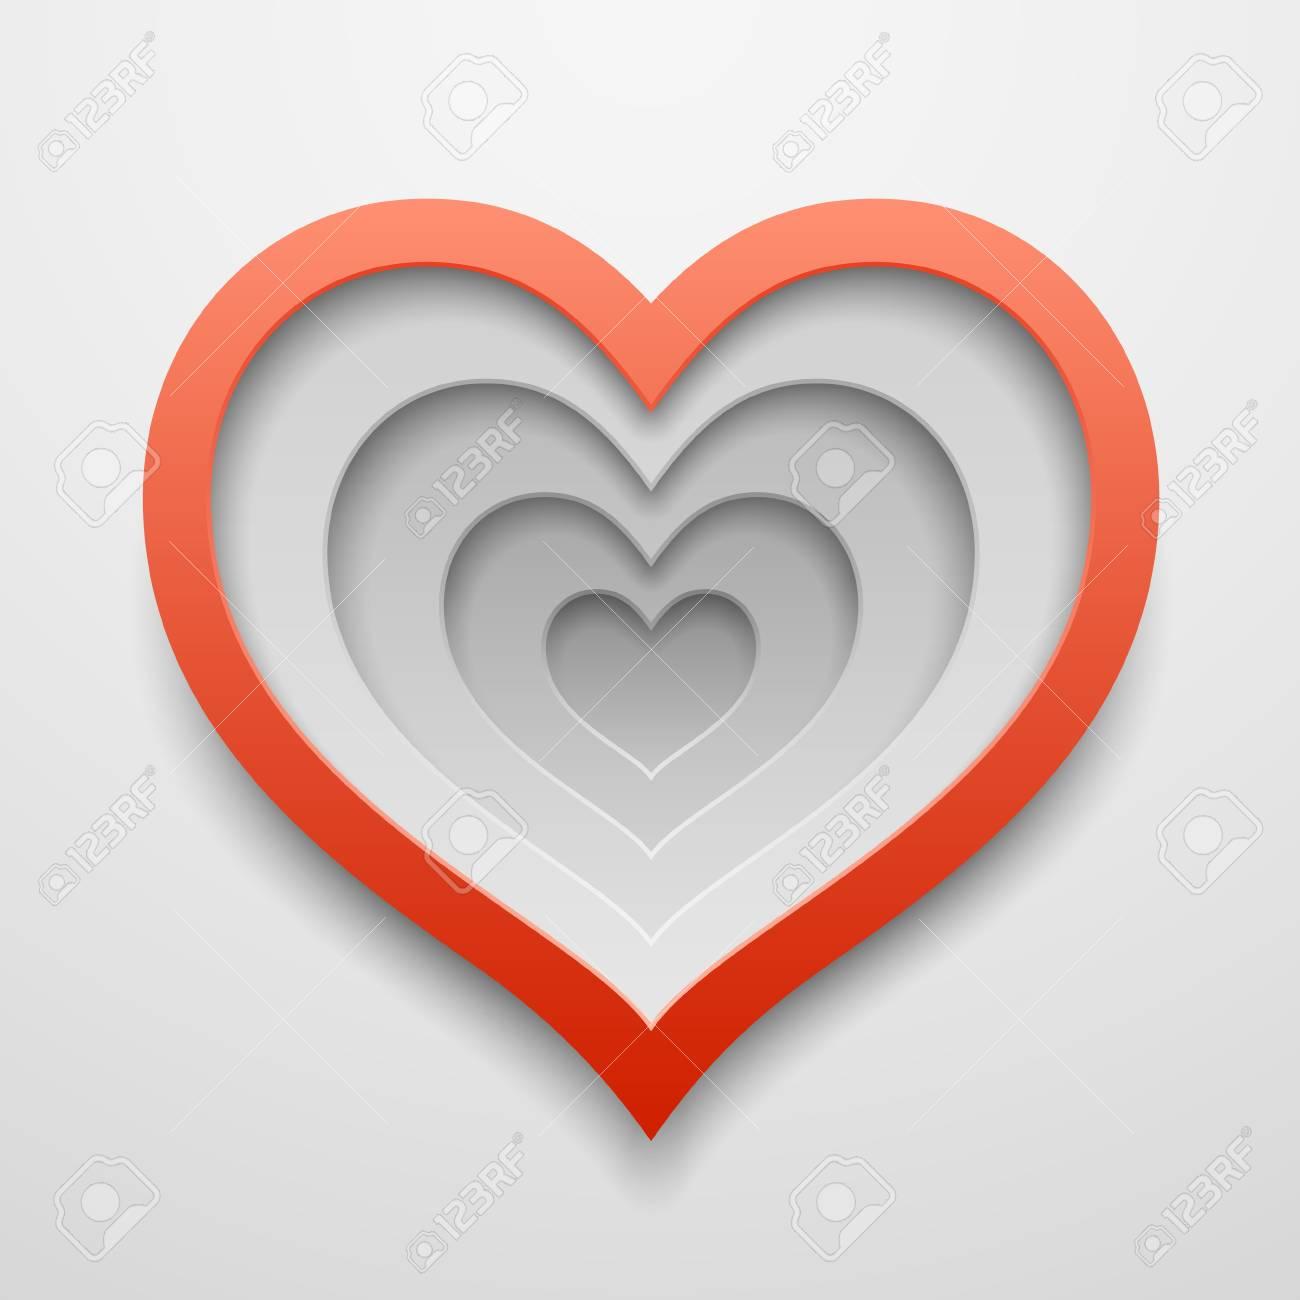 Coeur Decoupe En Forme Joyeux Modele De Decoration De Saint Valentin Ou De Mariage Conception De Vecteur Clip Art Libres De Droits Vecteurs Et Illustration Image 74579490